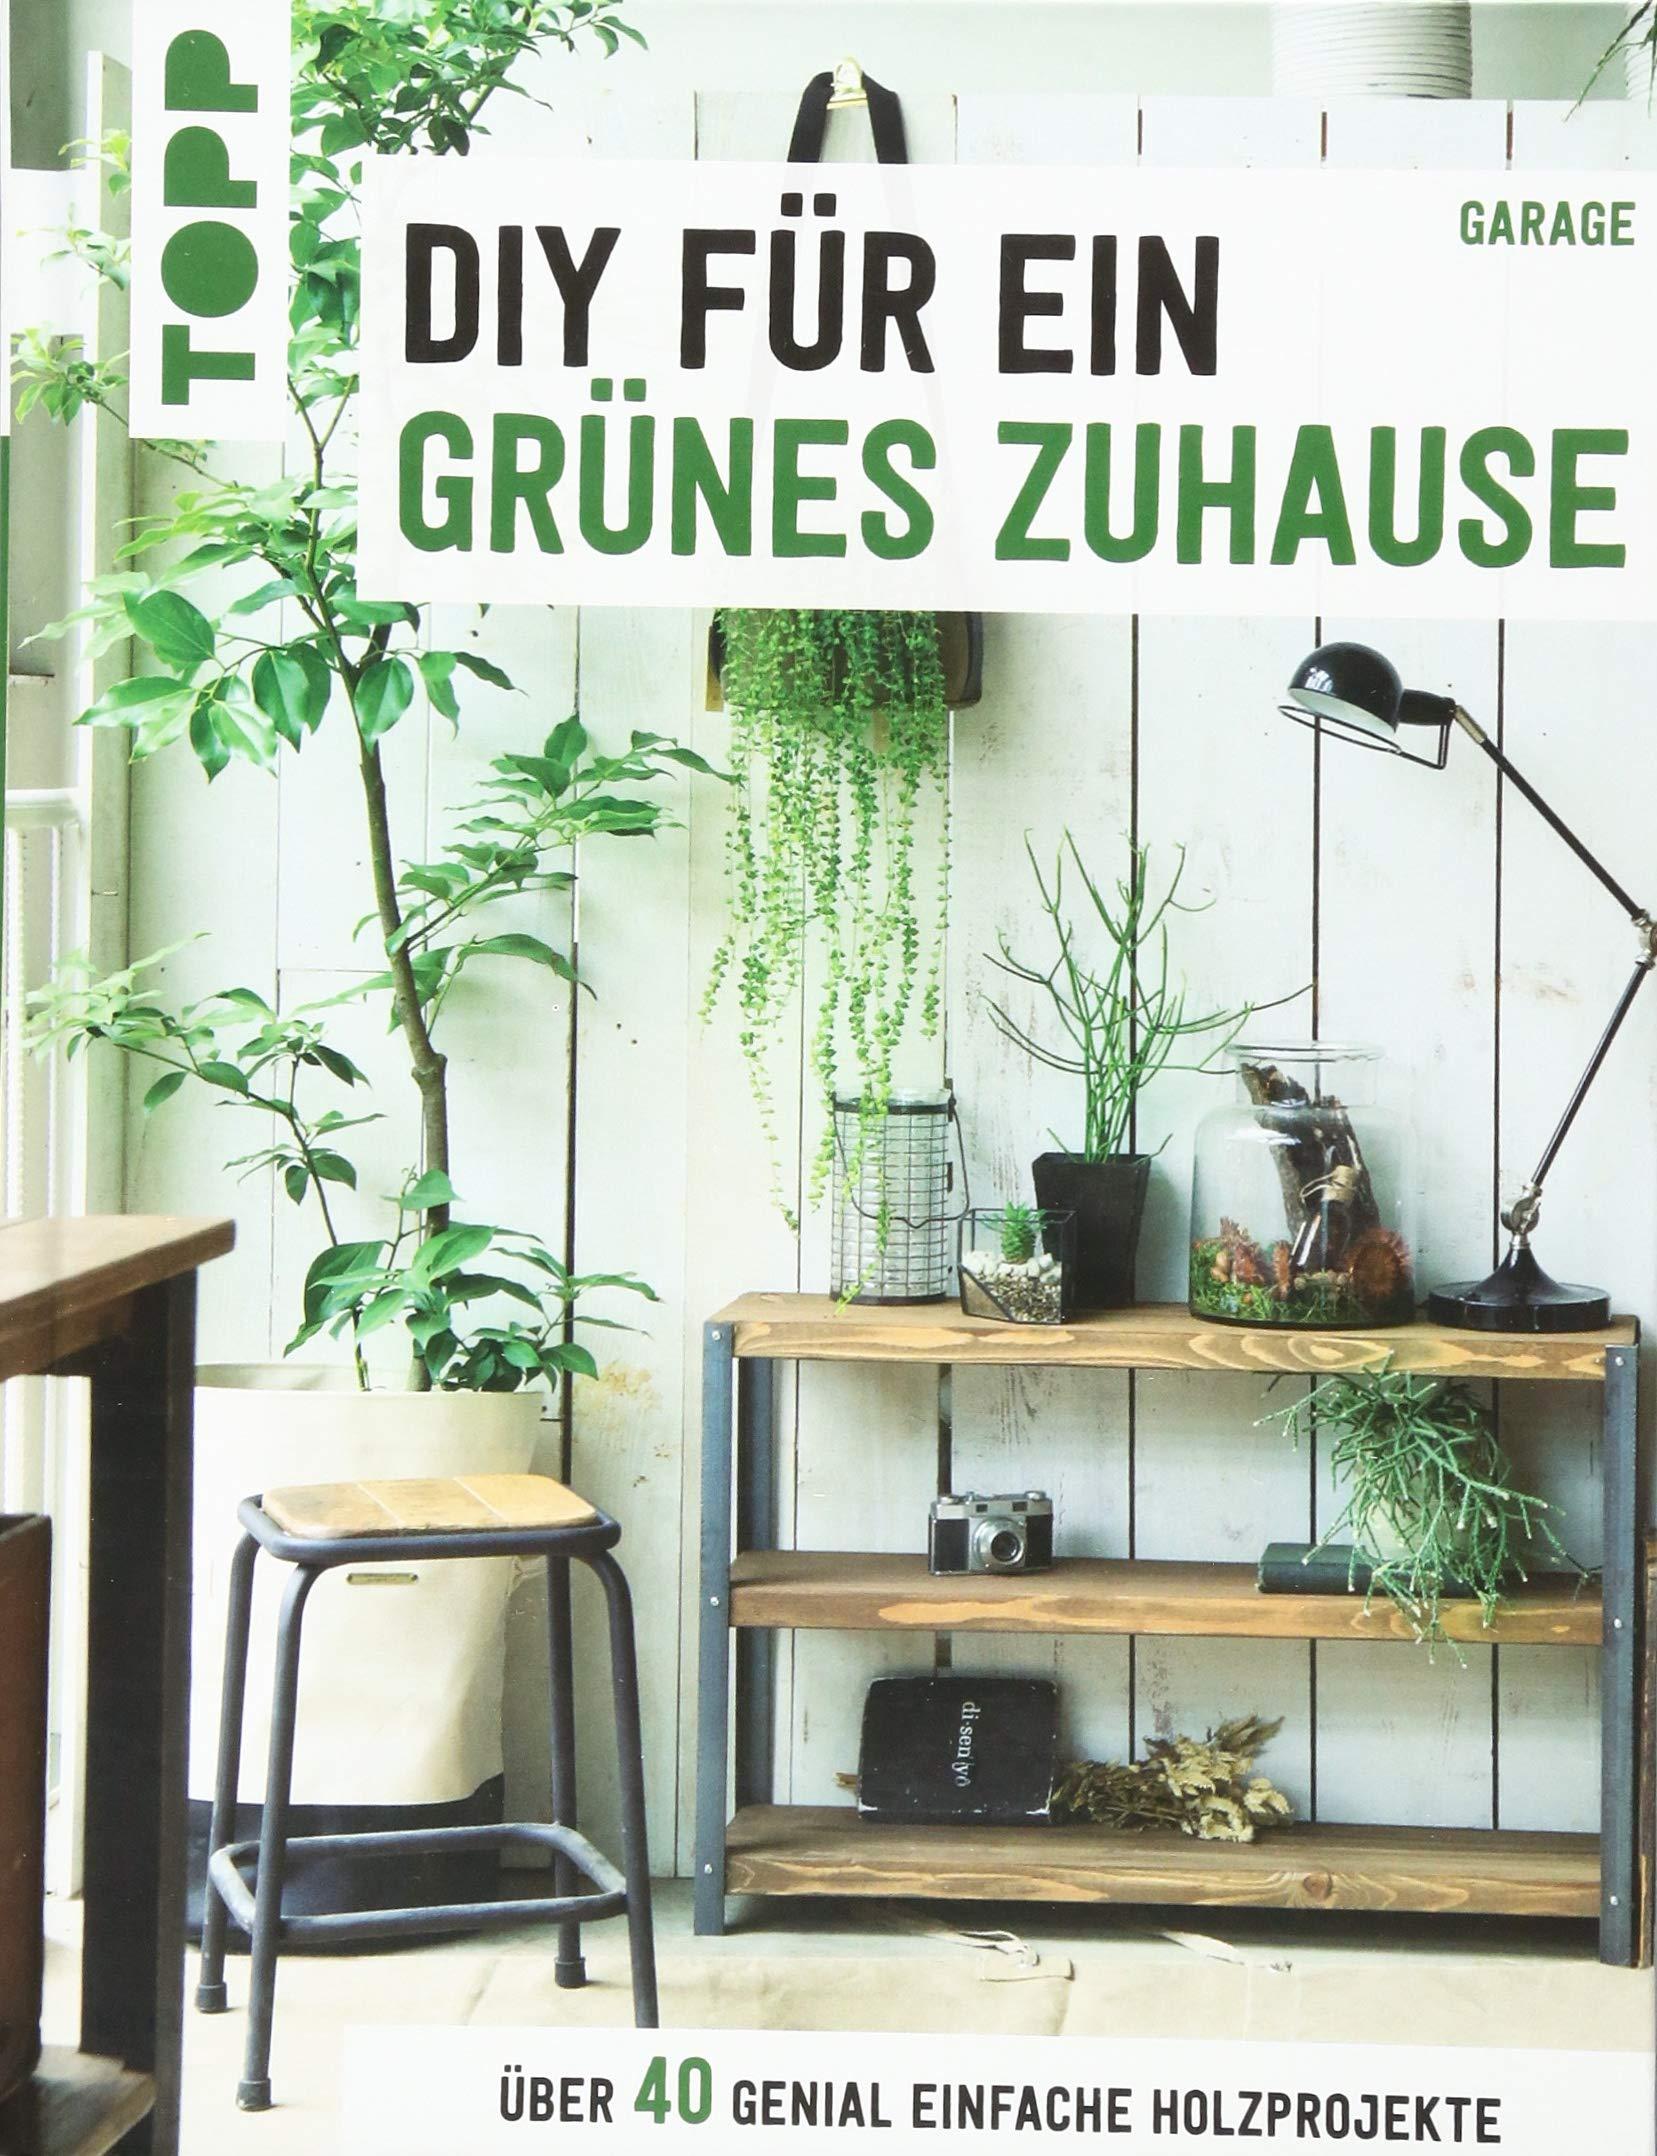 DIY für ein grünes Zuhause Über 20 genial einfache Holzprojekte ...